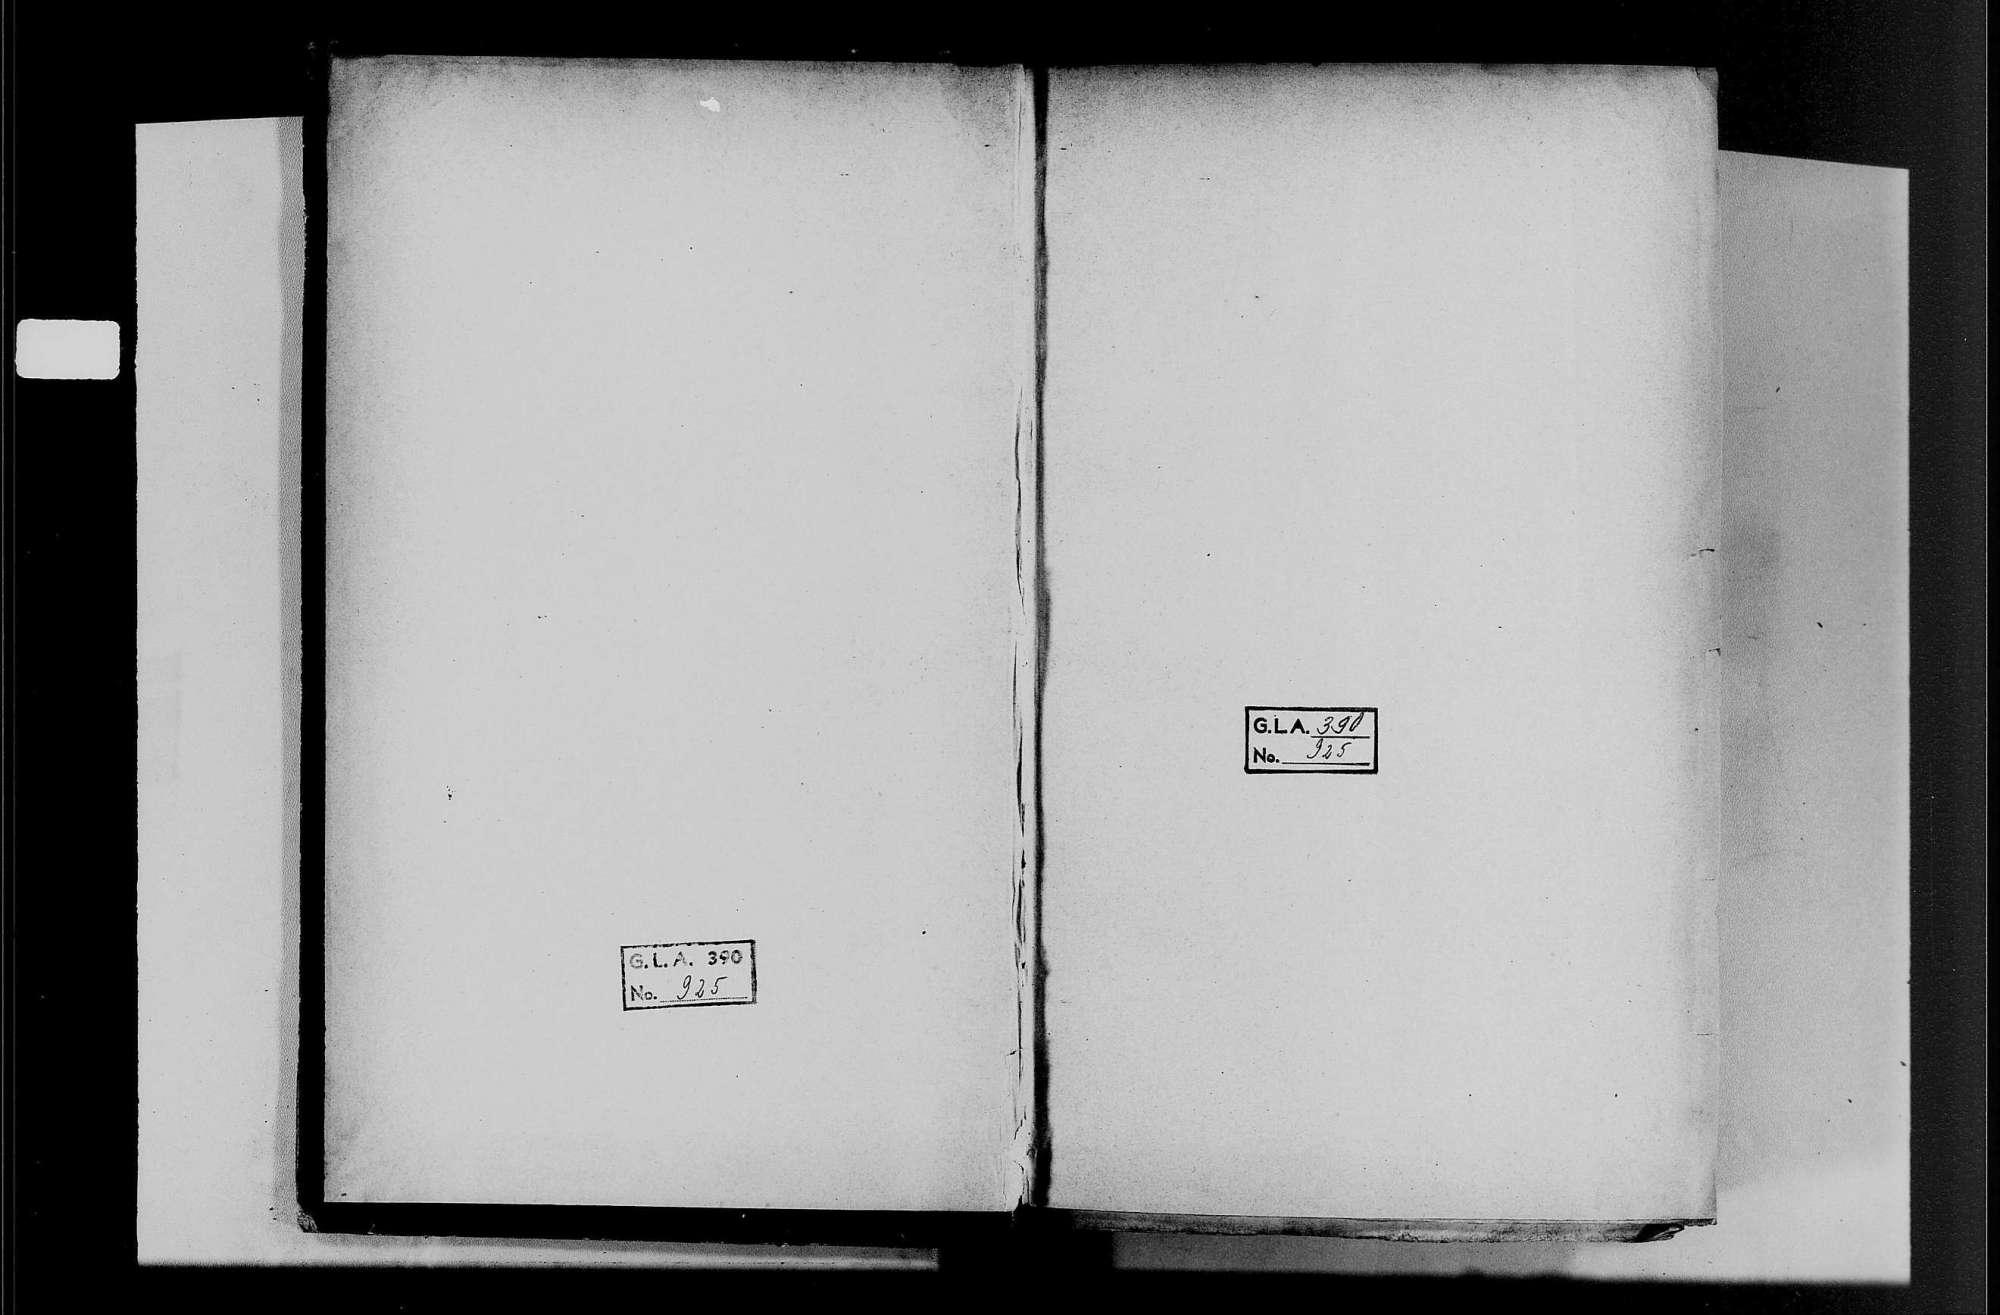 Ulm, katholische Gemeinde: Sterbebuch 1810-1870, Bild 2